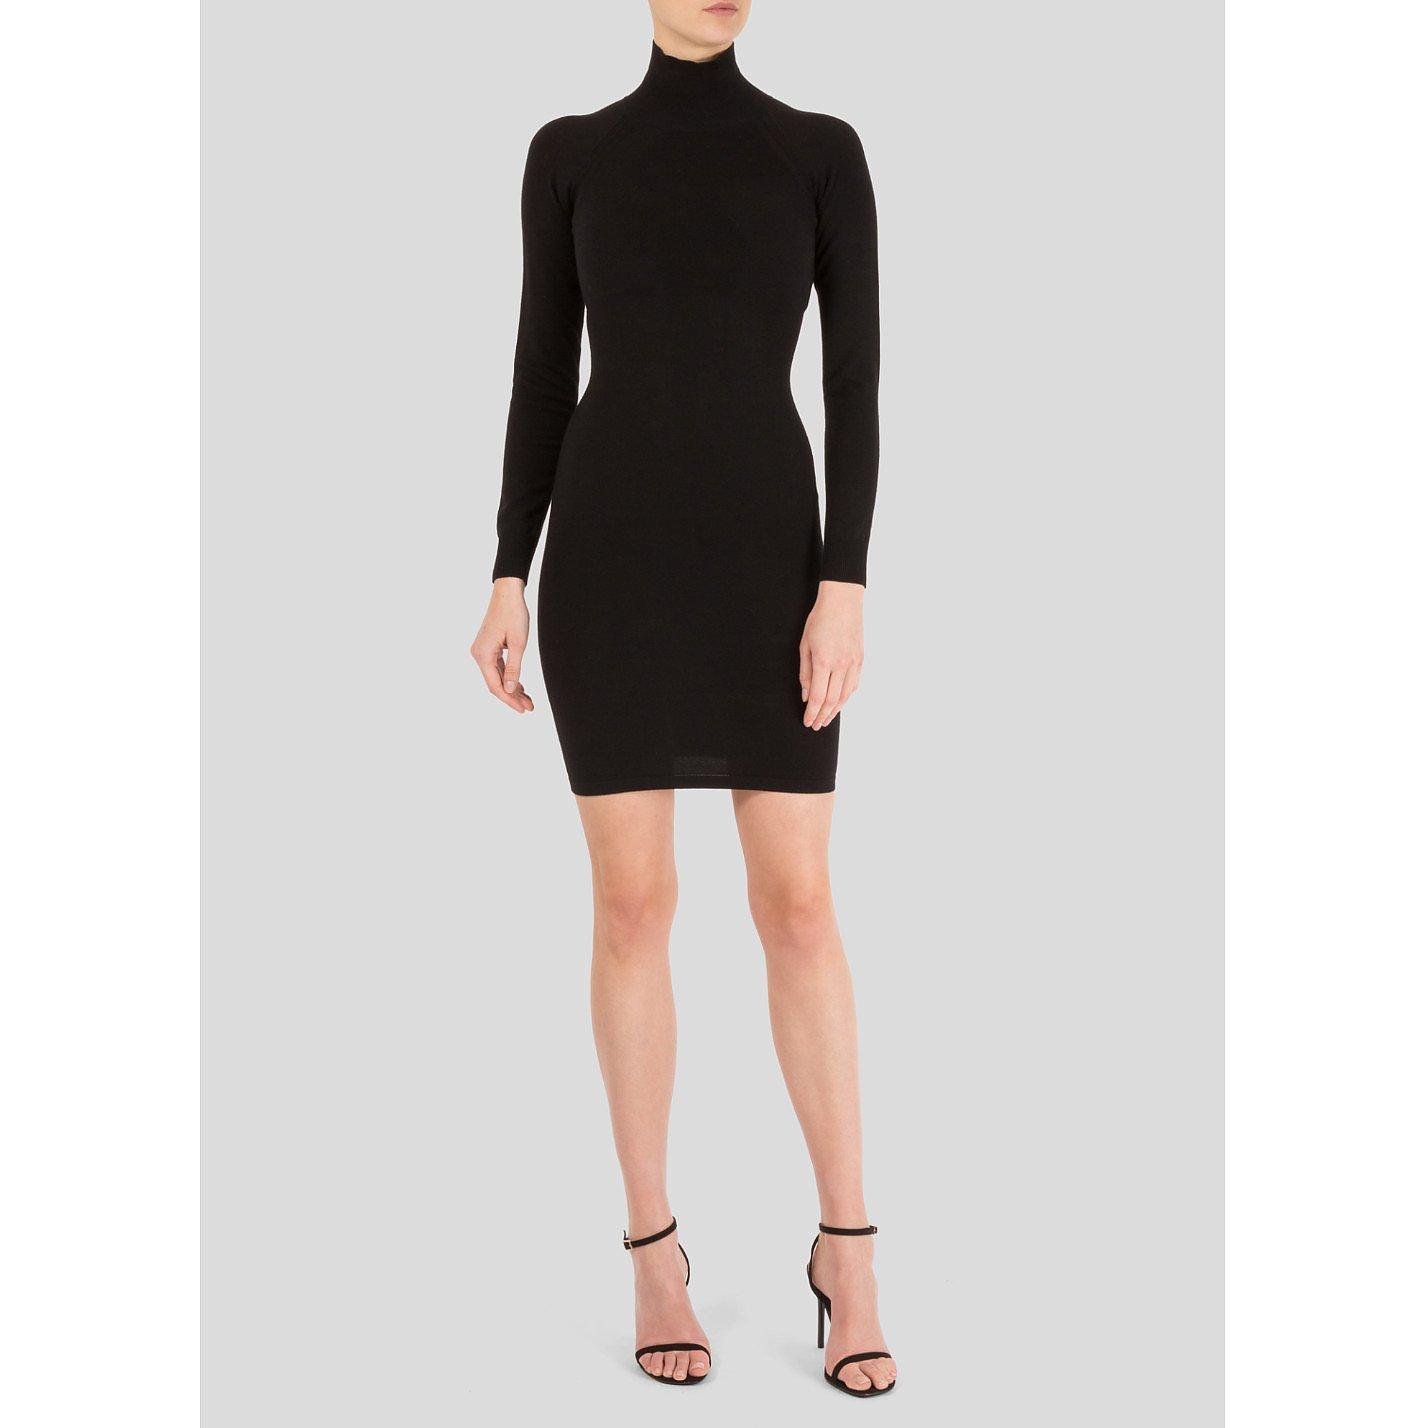 Stella McCartney Stretch Knit Turtleneck Dress